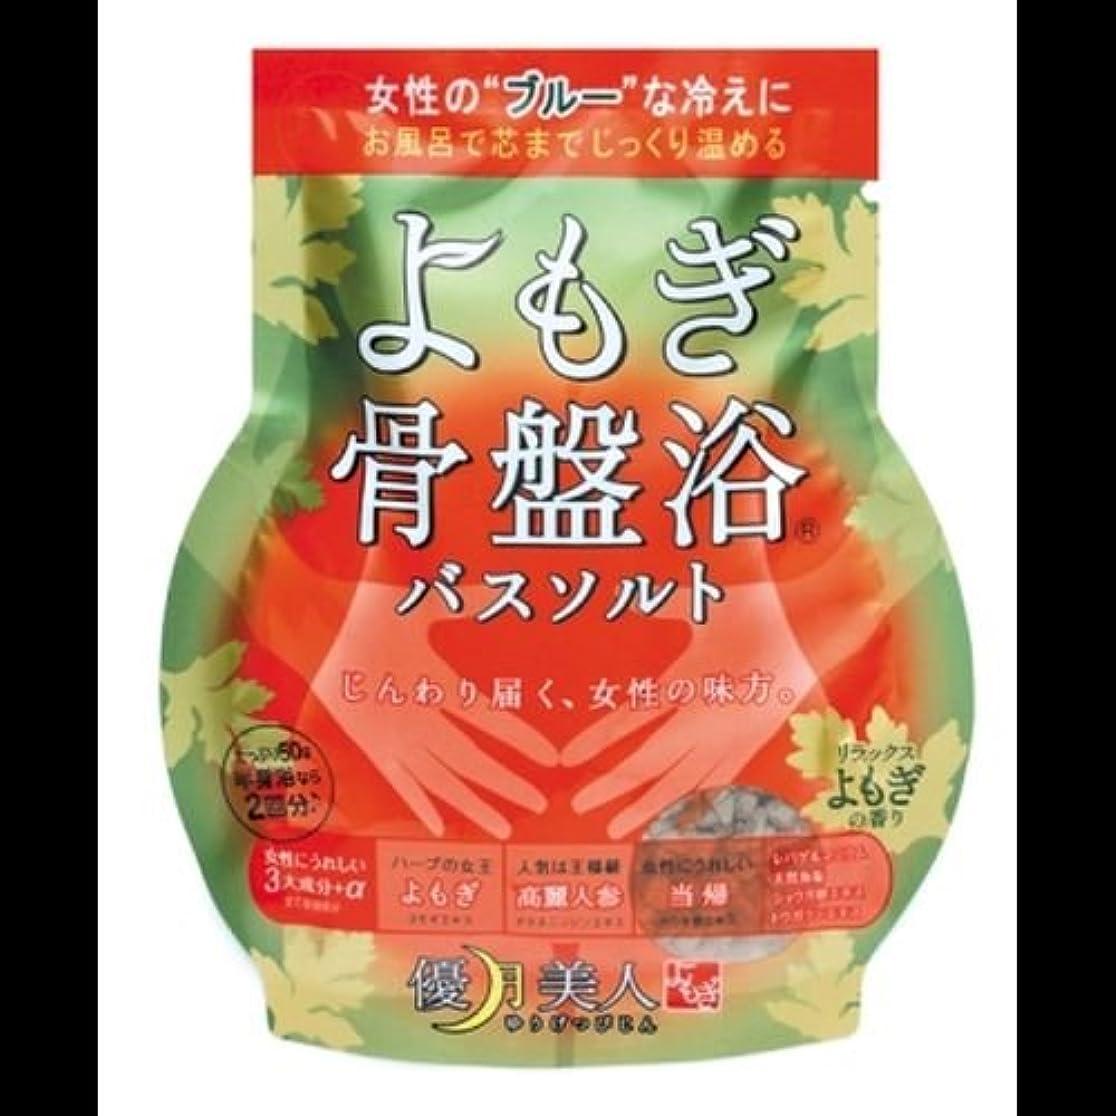 【まとめ買い】優月美人 バスソルト よもぎの香り 50g ×2セット